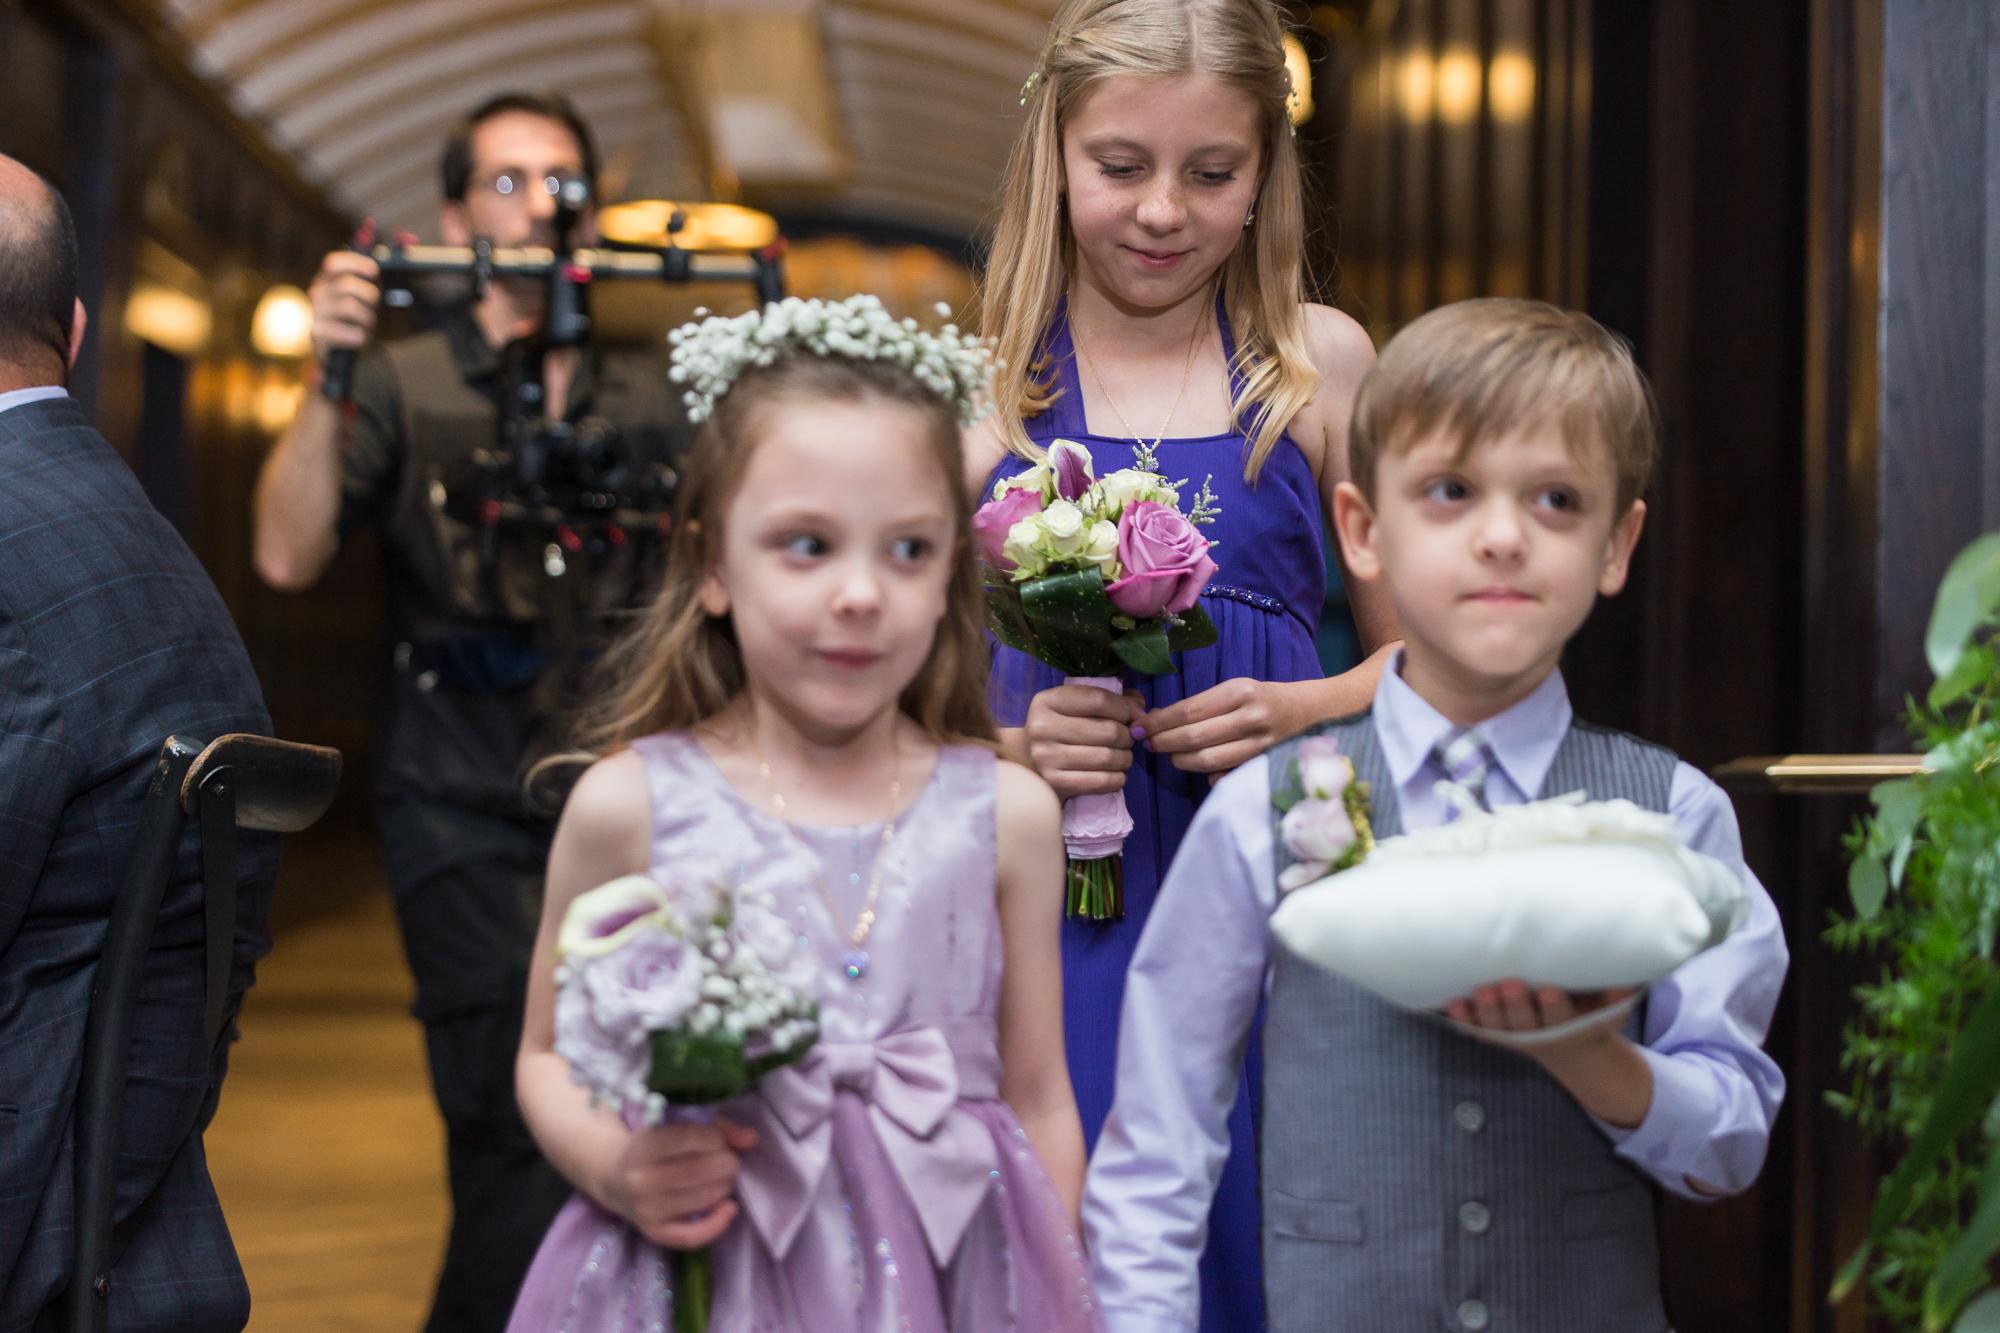 Oxford-Exchange-wedding-ceremony-photo